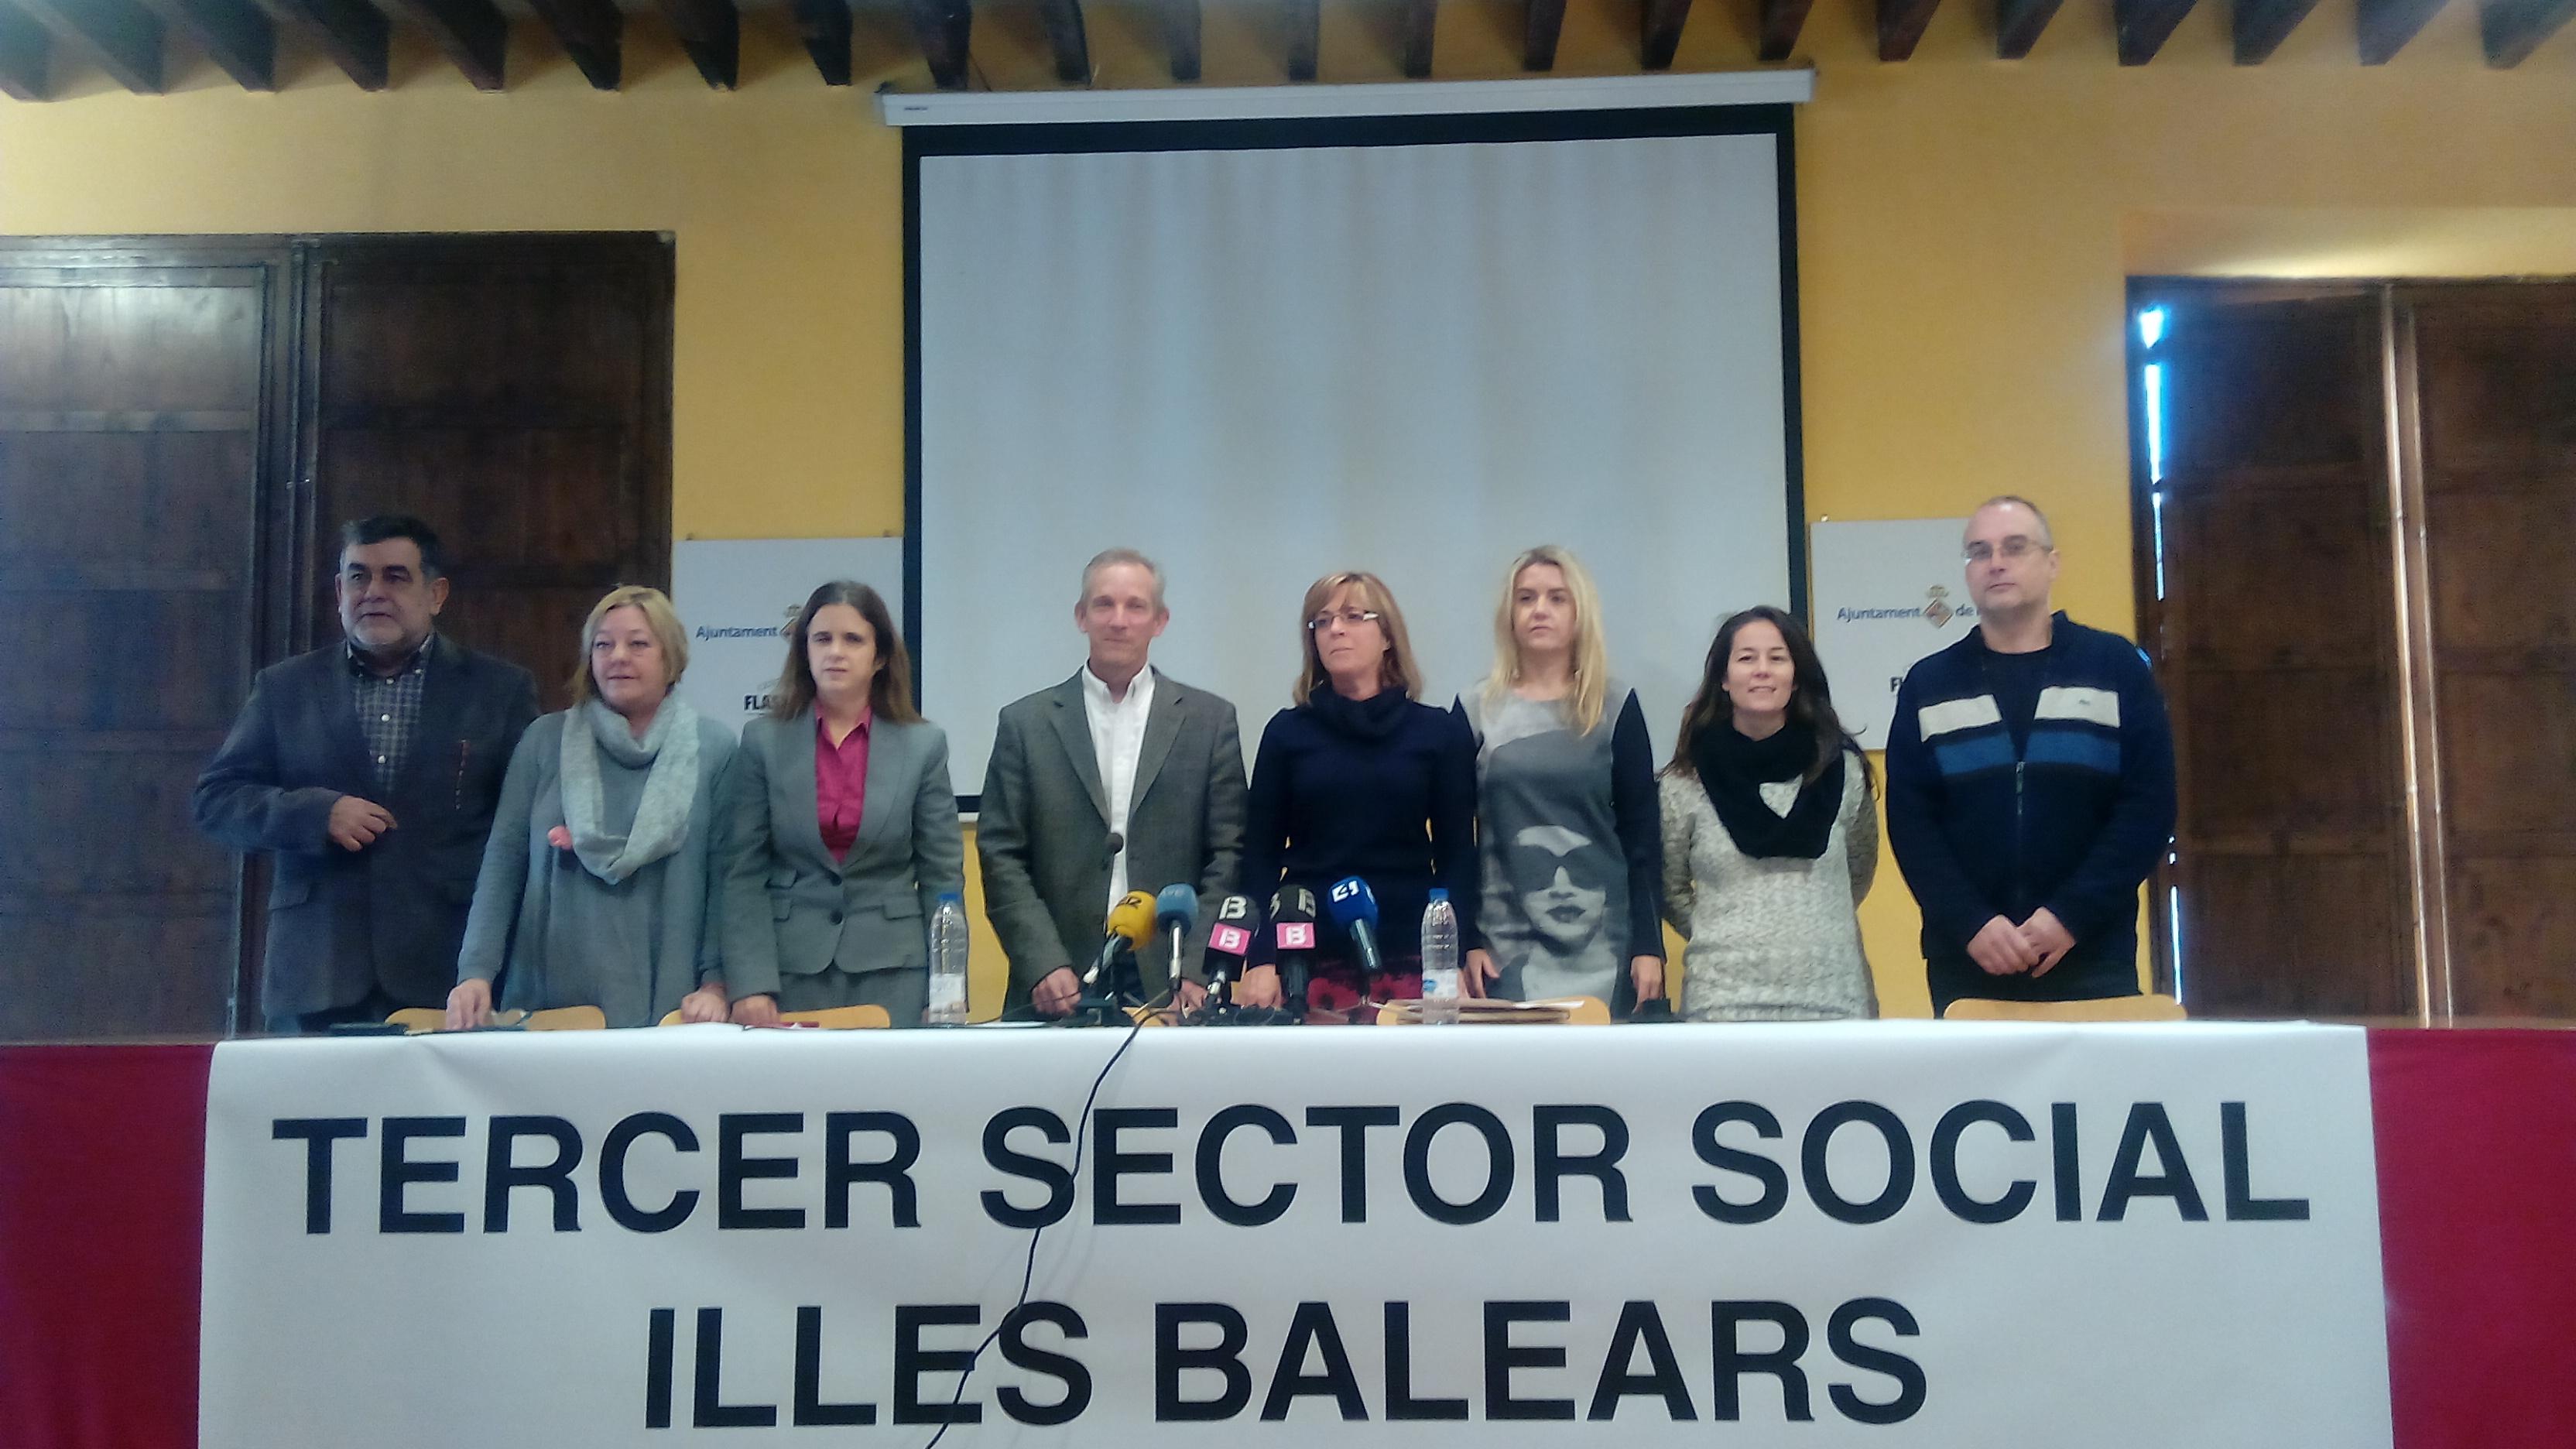 Tercer Sector Social - Illes Balears